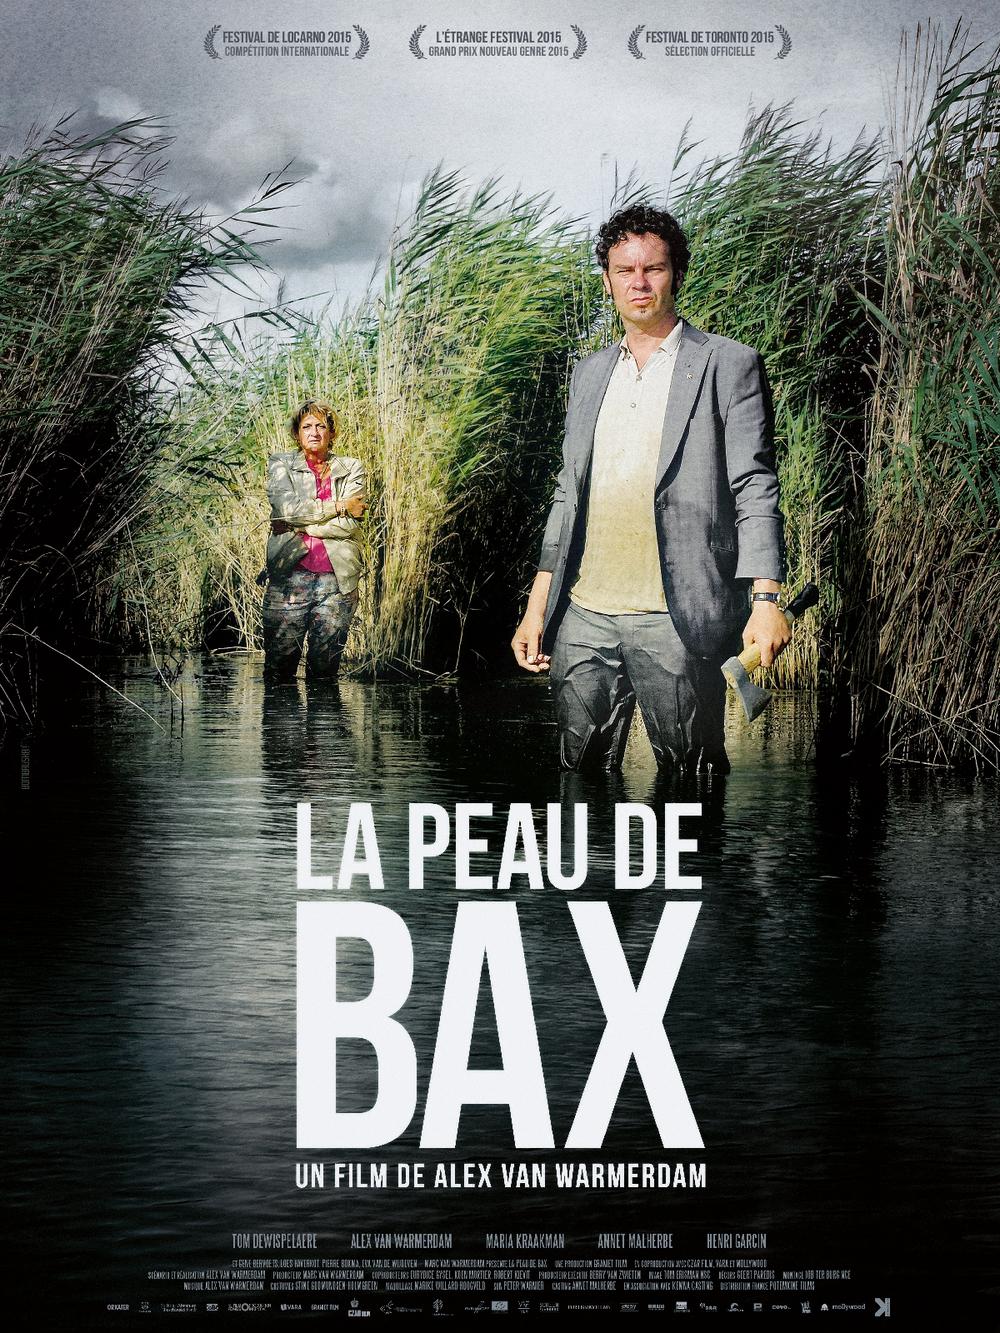 La Peau de Bax | Van Warmerdam, Alex (Réalisateur)